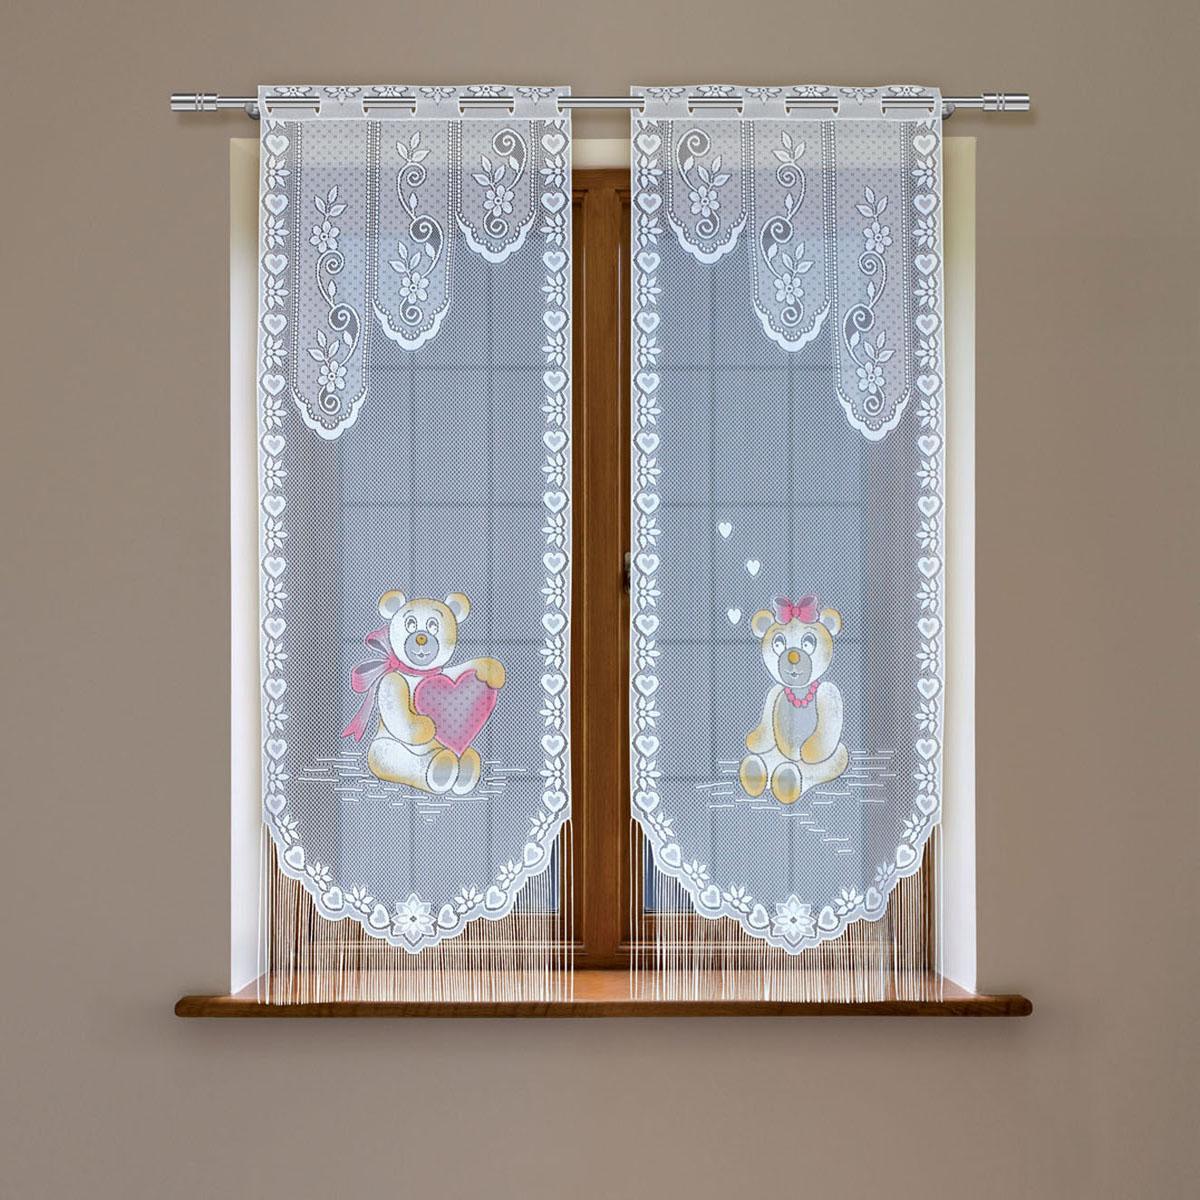 Гардина Haft, цвет: белый, высота 120 см. 8148D/60SVC-300Гардина имеет в верхней части полотна прорези, через которые гардина-витраж вывешивается на карниз или можно крепить на зажим для штор,котрый в комплект не входит.Комплект состоит из двух полотен (выс.120* шир.60) Размеры: (высота 120* ширина 60)*2